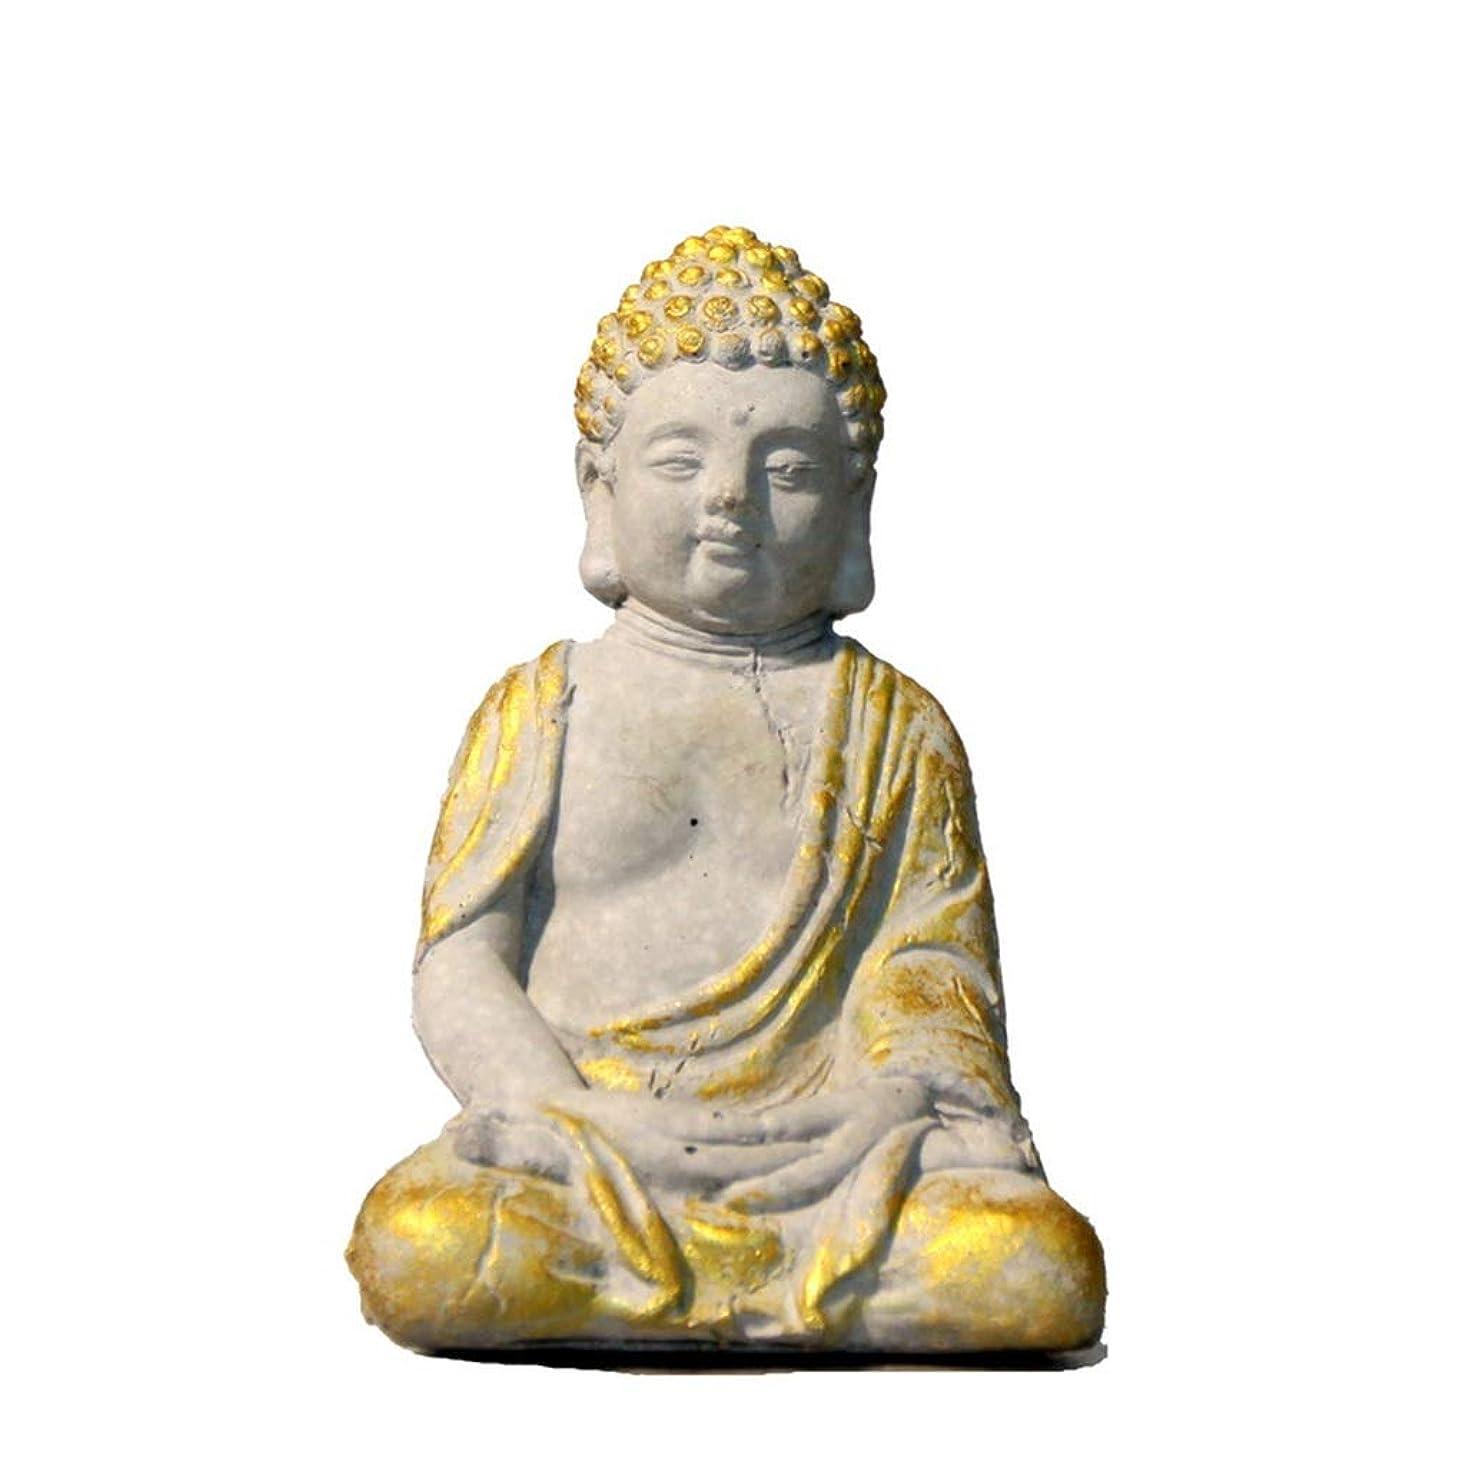 ステーキ巧みなポットNTWXY 仏像を提供しています、ホームデコレーションスタチュー、宗教的なアイテム、ホームデコレーション、7×11cm